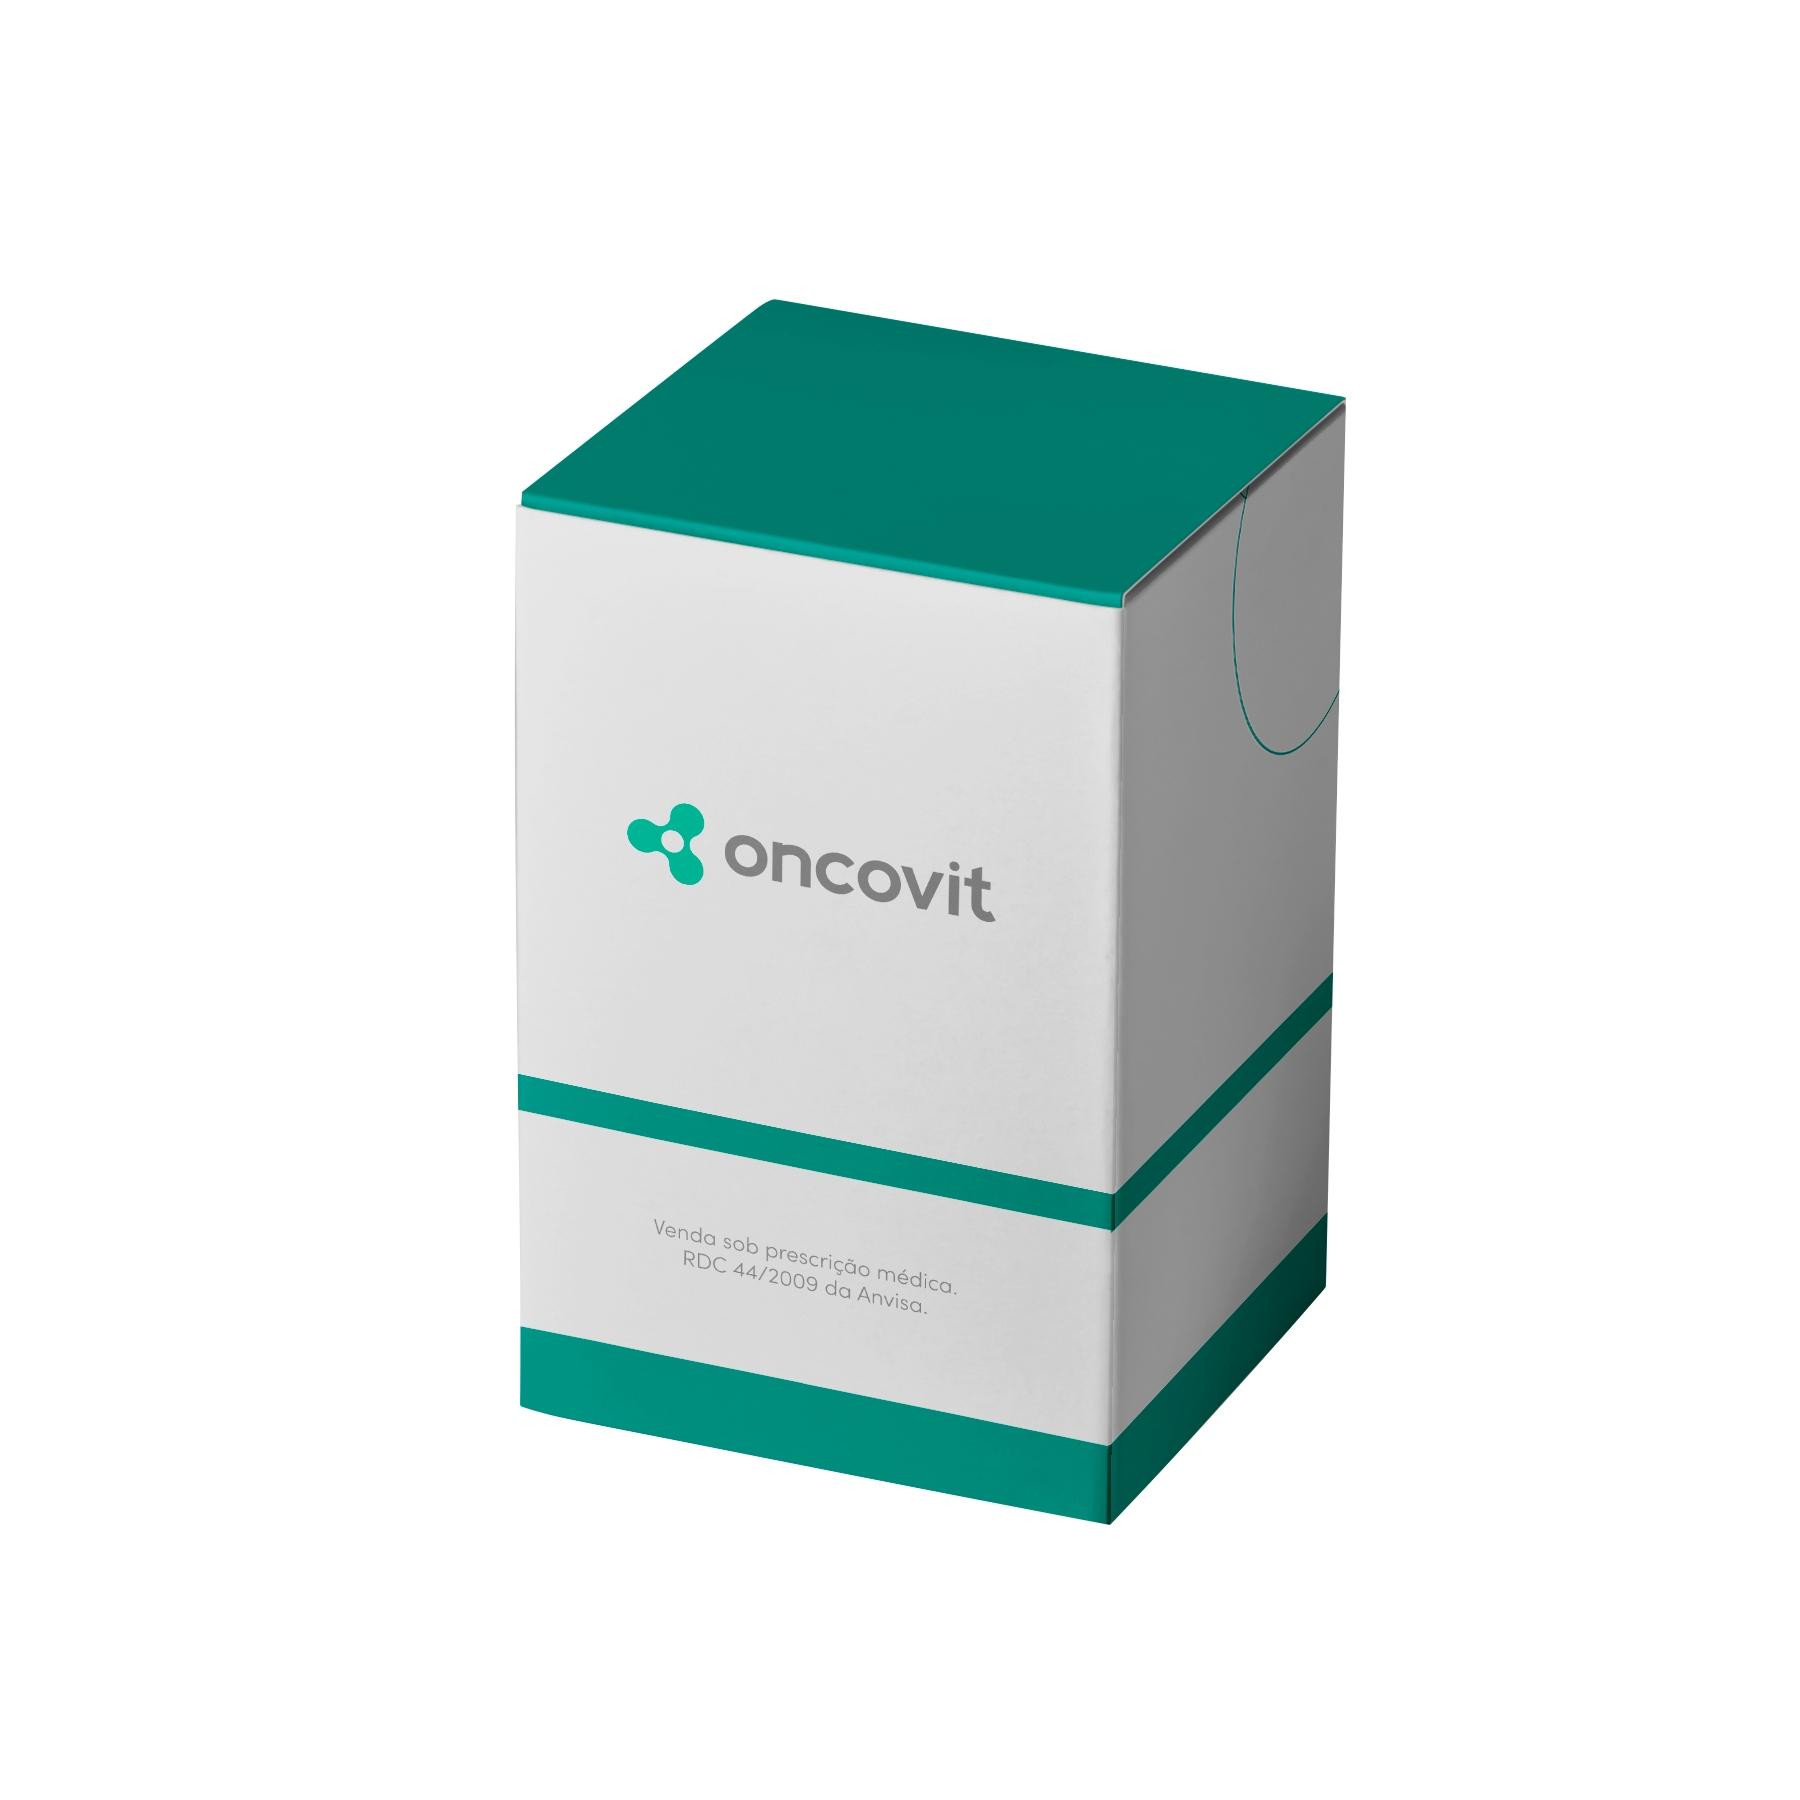 Eritromax 2.000UI/mL caixa com 1 frasco-ampola com 1mL de solução de uso subcutâneo